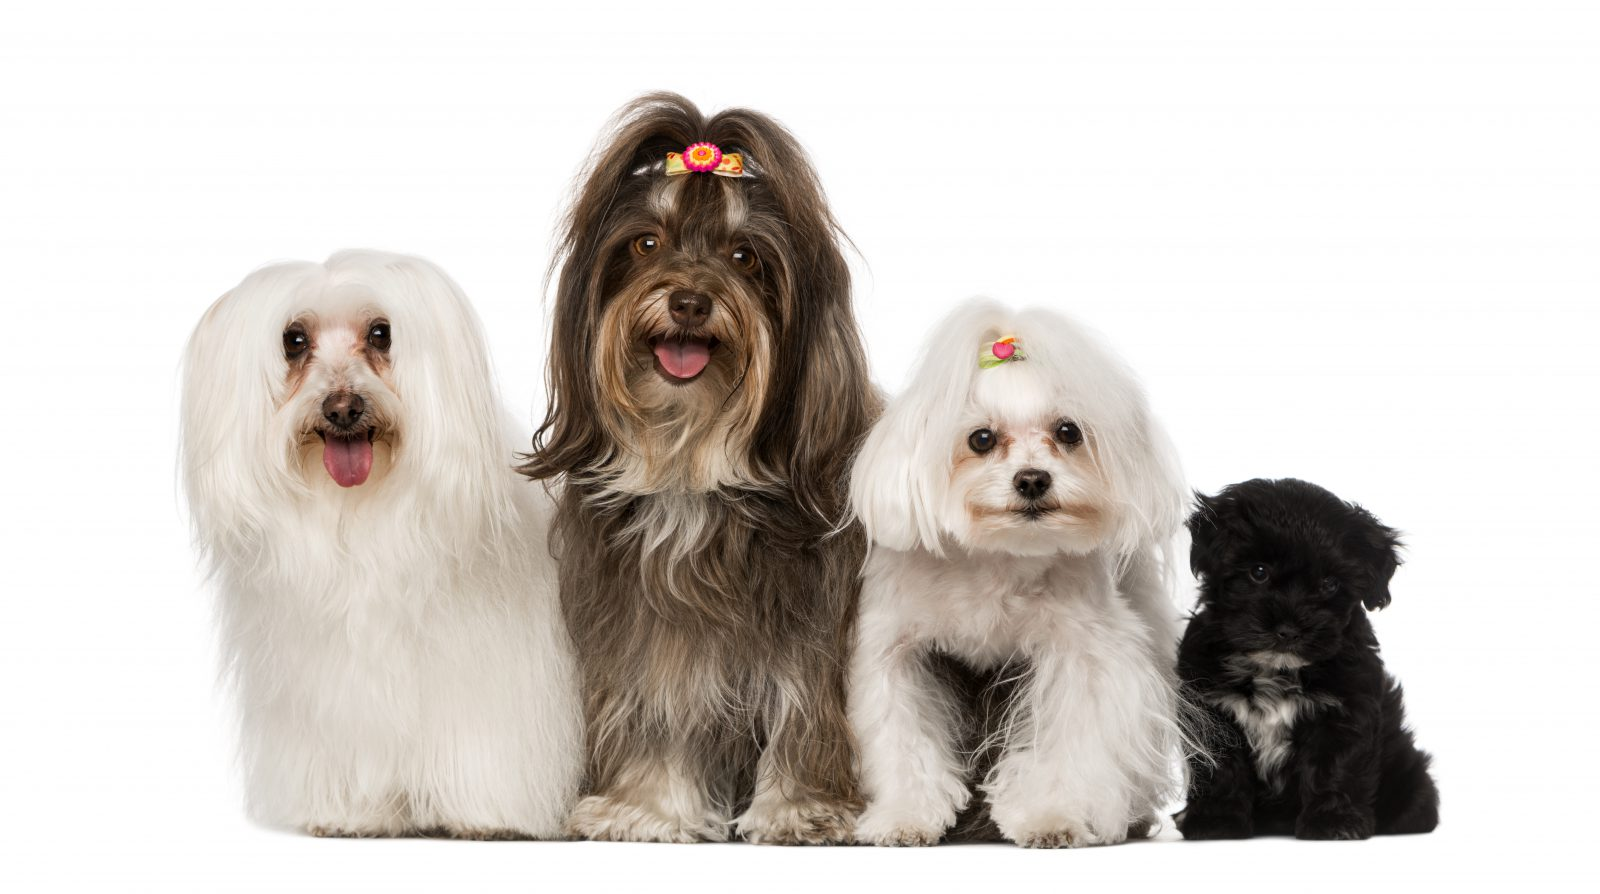 Nomes de cachorro: grupo de filhotes de cachorro